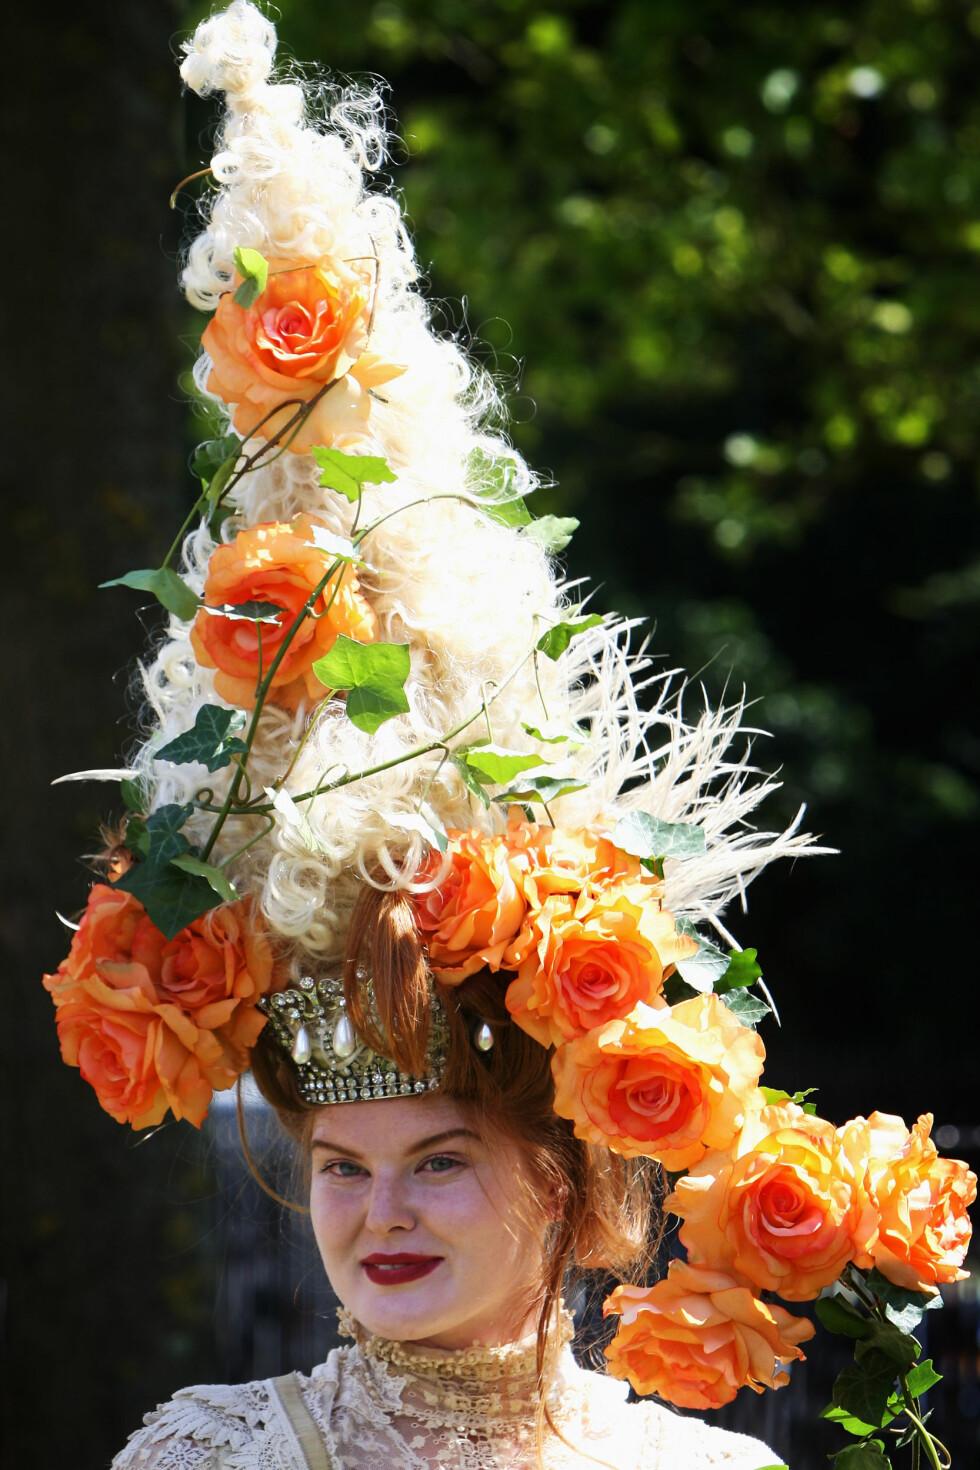 I en hatt Marie Antoinette ville ha elsket over alt på jord. Foto: All Over Press